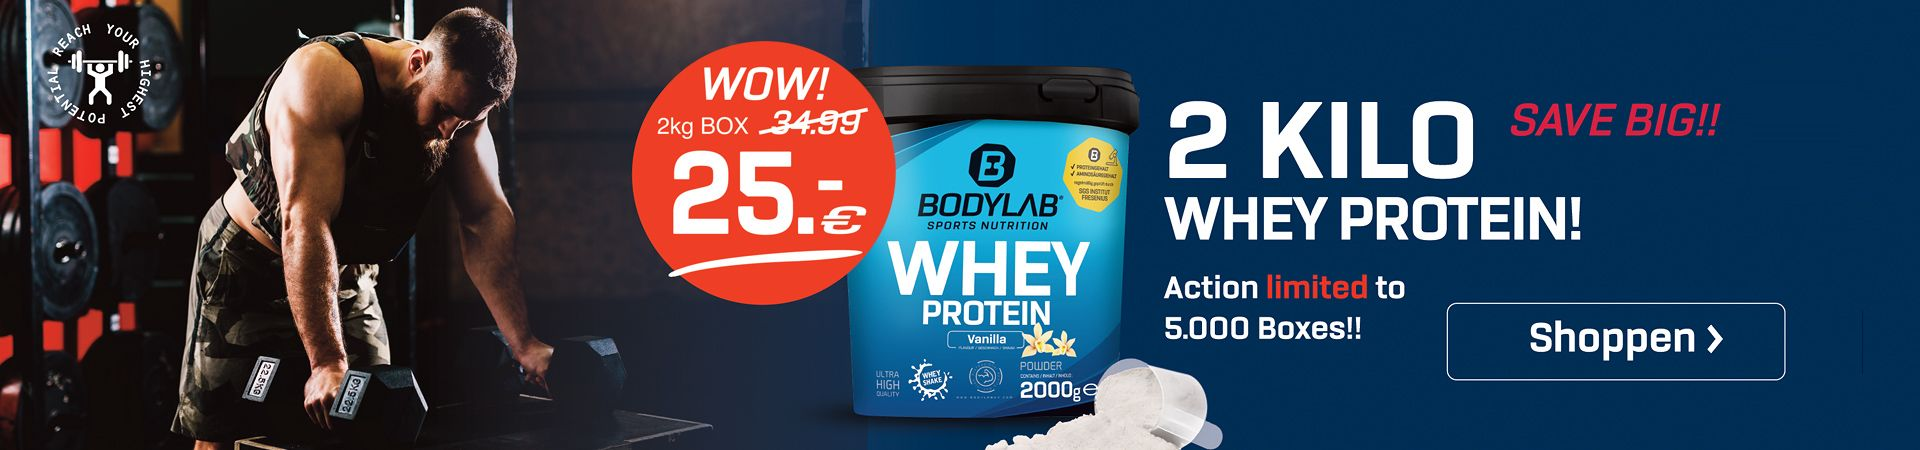 blauwe achtergrond met productfoto van Whey Protein en verwijzing naar het aanbod